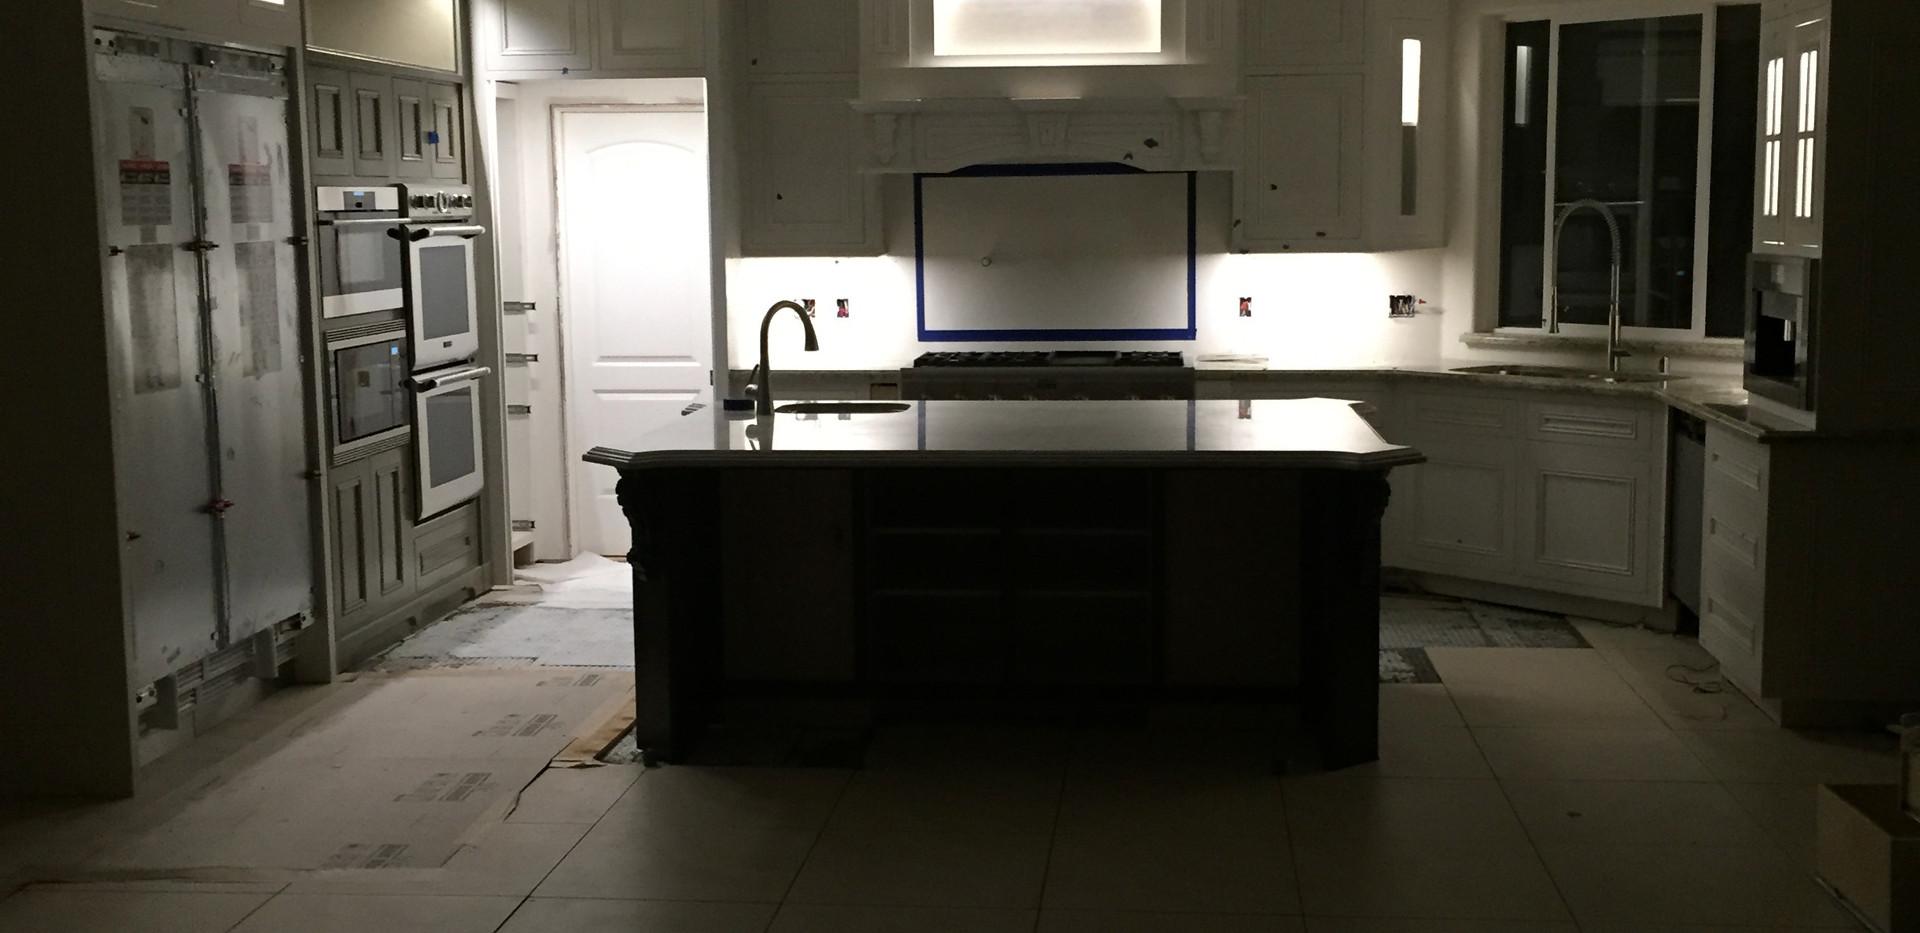 Fremont kitchen re-wire